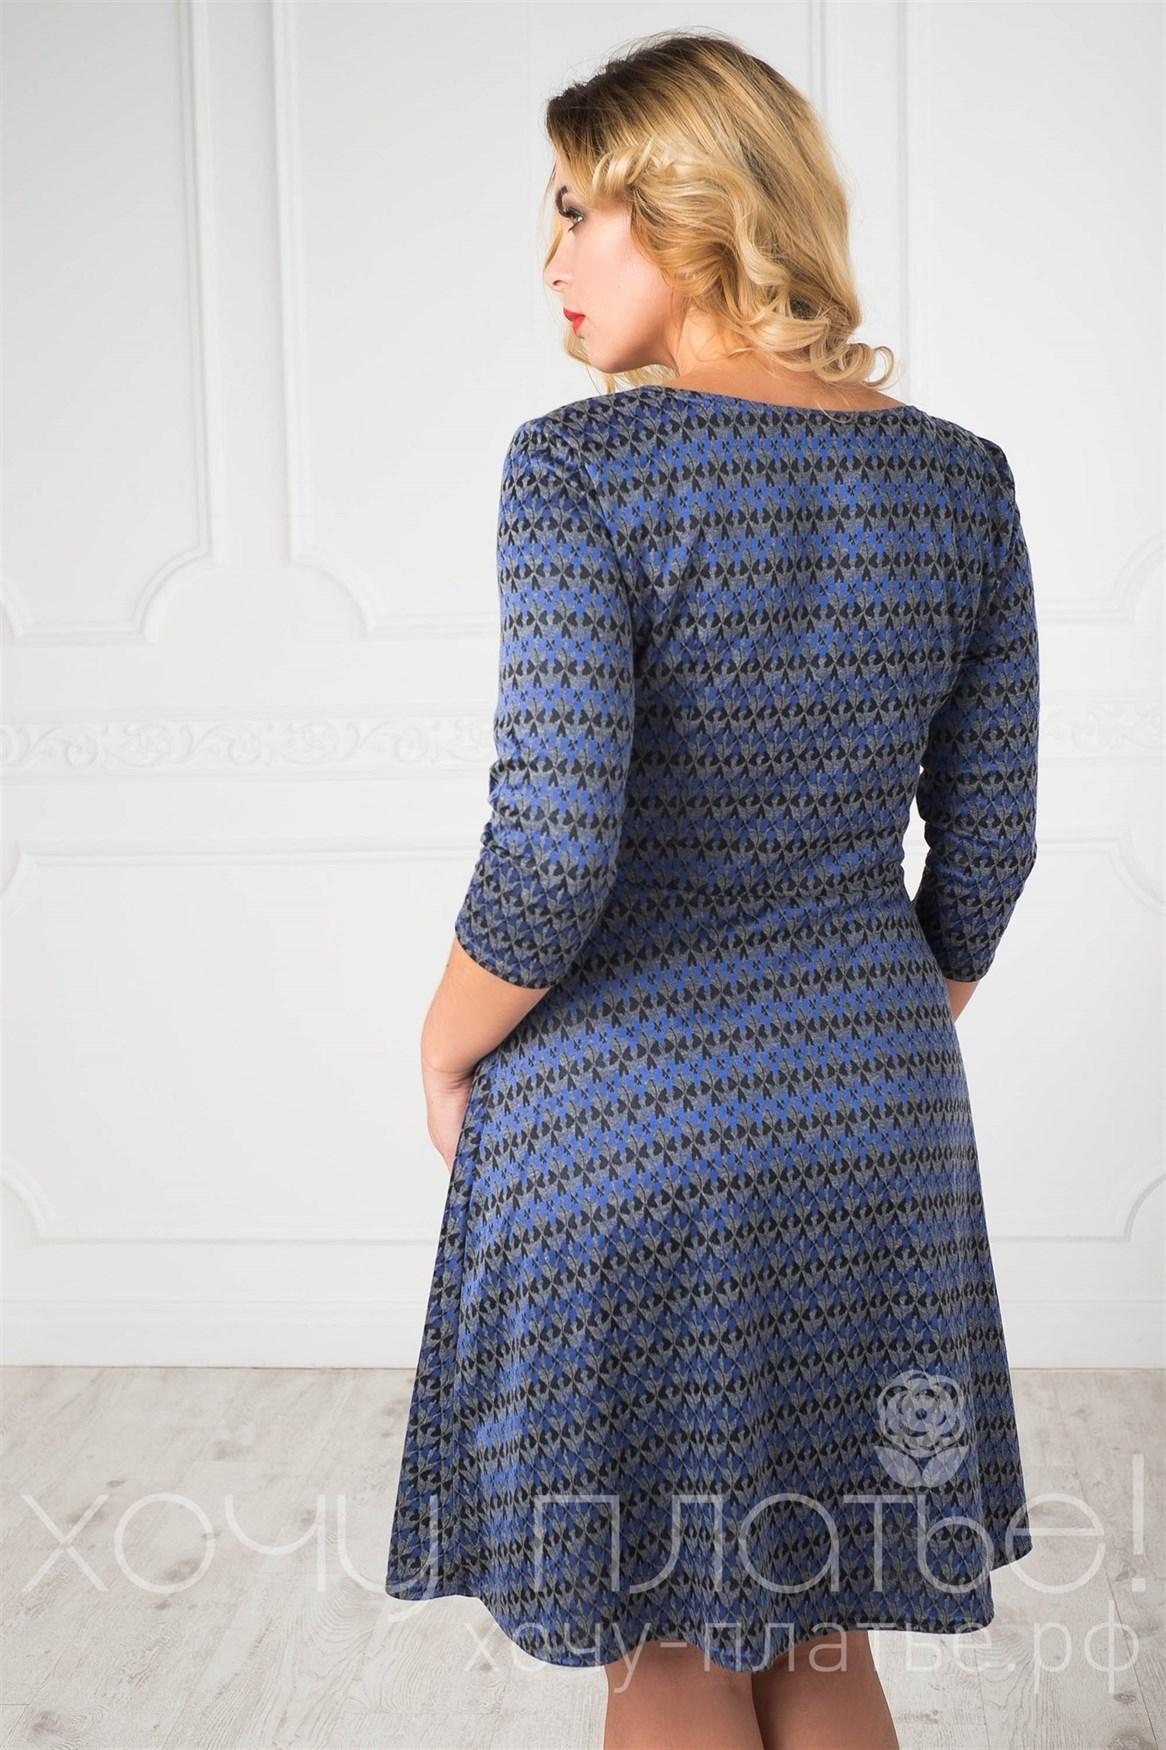 418009ddb28 Хочу платье! - женская одежда оптом и в розницу - 521-03 Платье